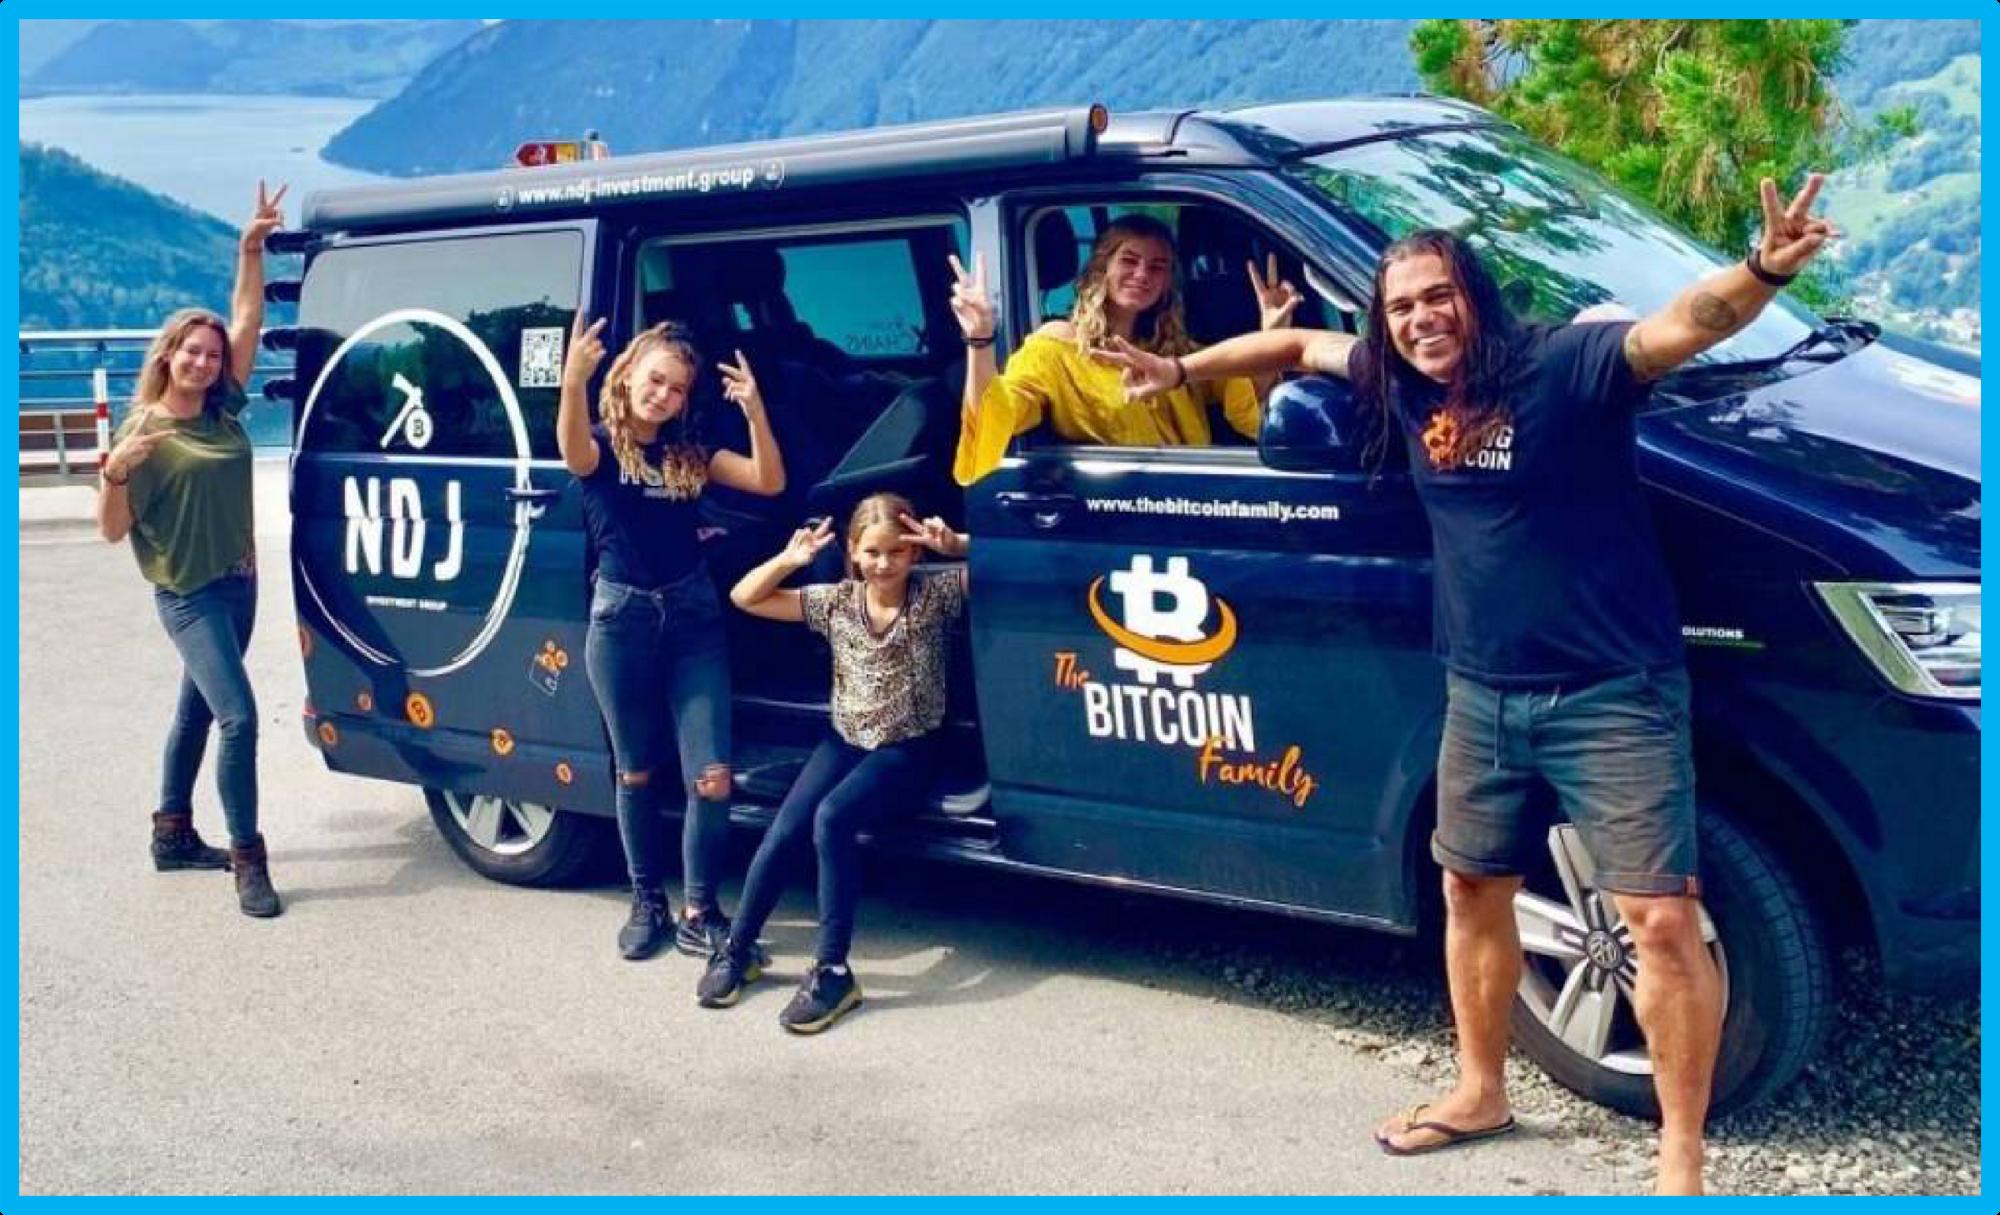 Купив криптовалюту, семья обзавелась лишь фургоном для жизни